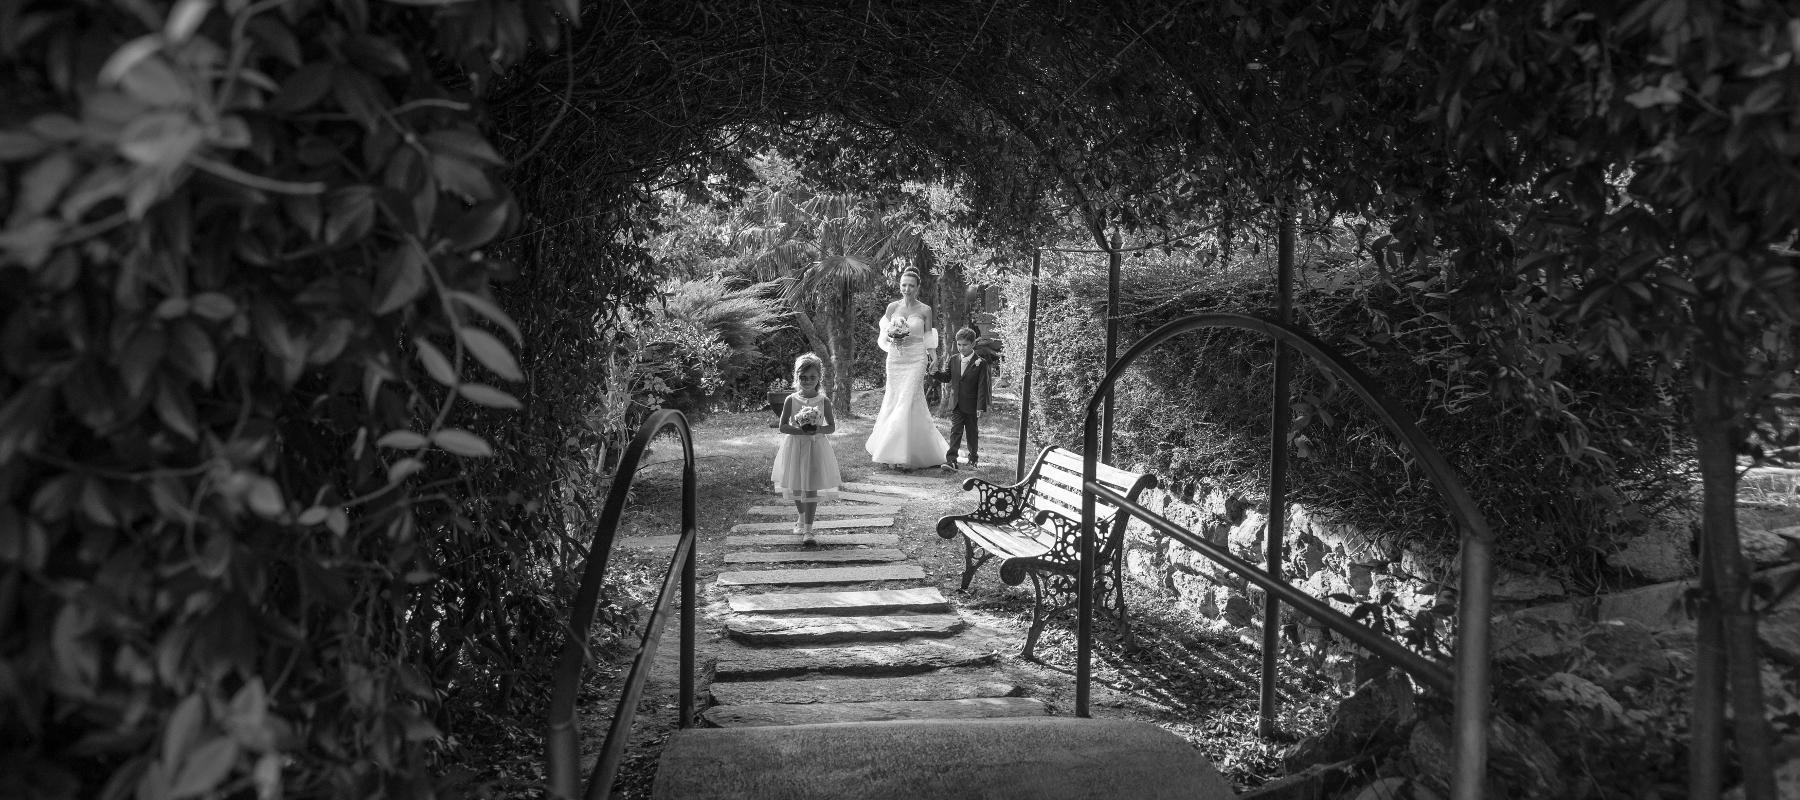 Foto del matrimonio di Paola e Fabio mentre la sposa sta per passare sotto al pergolato assieme ai figli